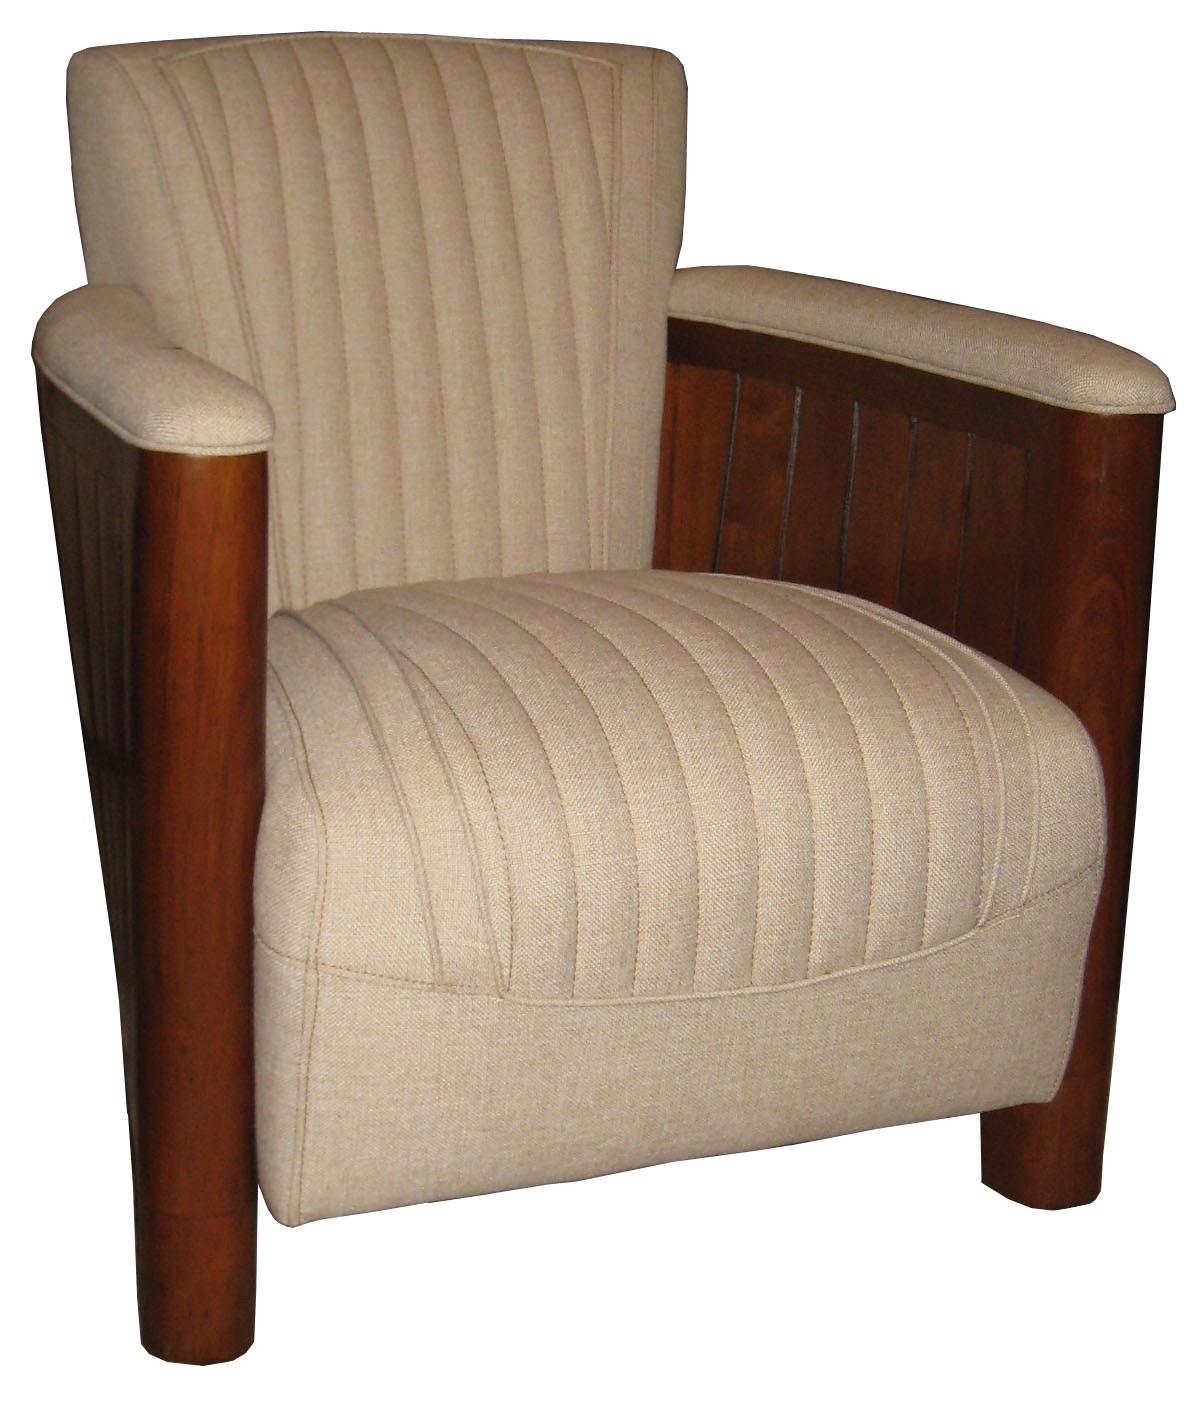 stoffpolsterm bel mahagoni m bel polsterm bel stoffsessel. Black Bedroom Furniture Sets. Home Design Ideas